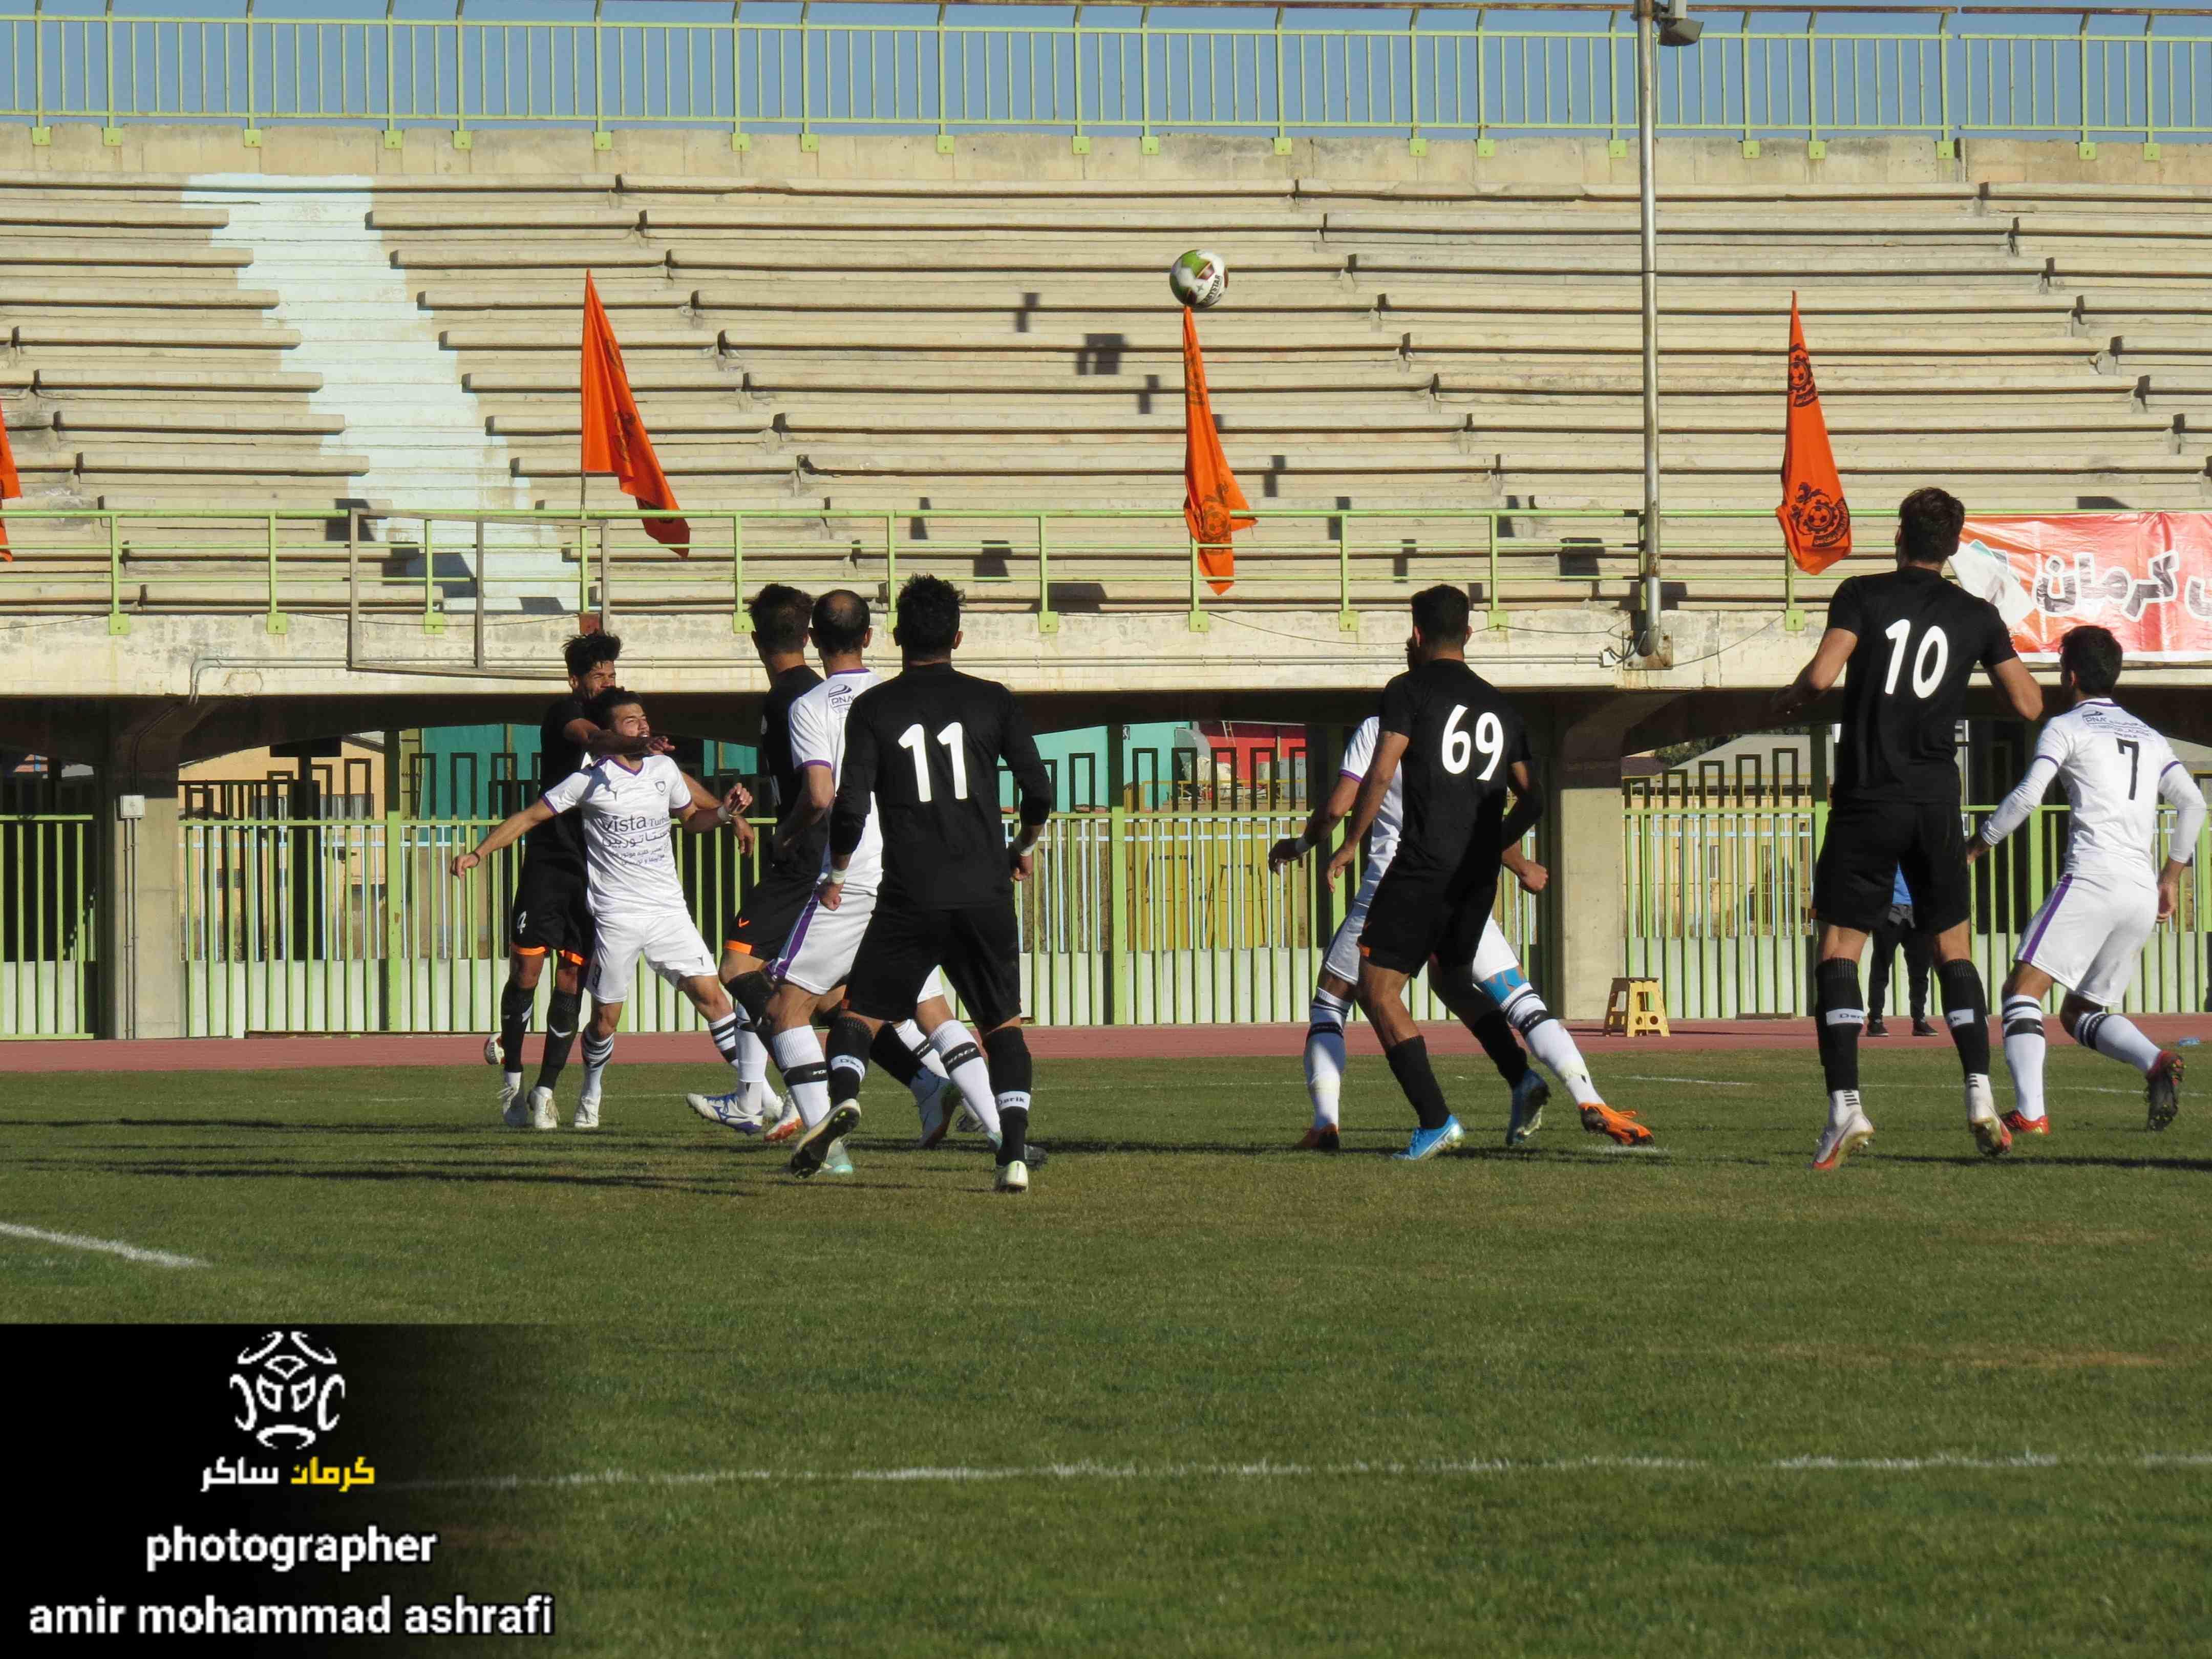 تیمهای مس در جام حذفی شرکت میکنند